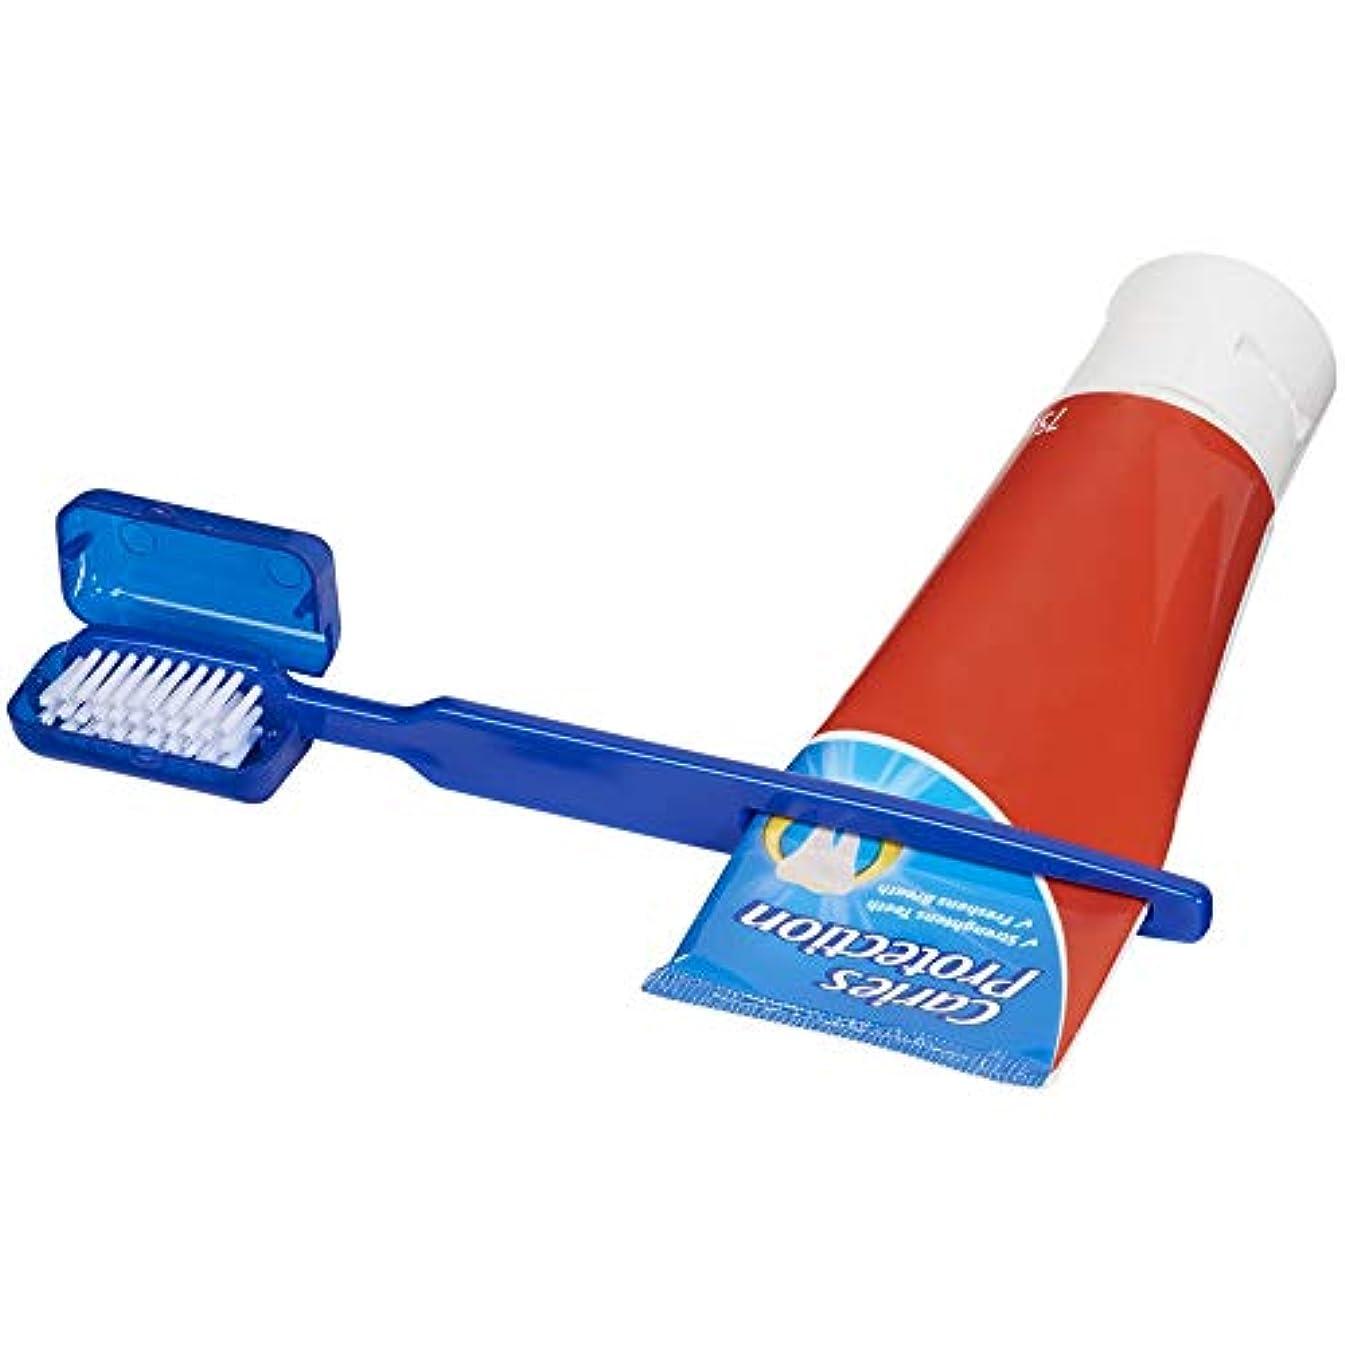 (ブレット) Bullet チューブしぼり器つき 歯ブラシ (ワンサイズ) (ブルー)